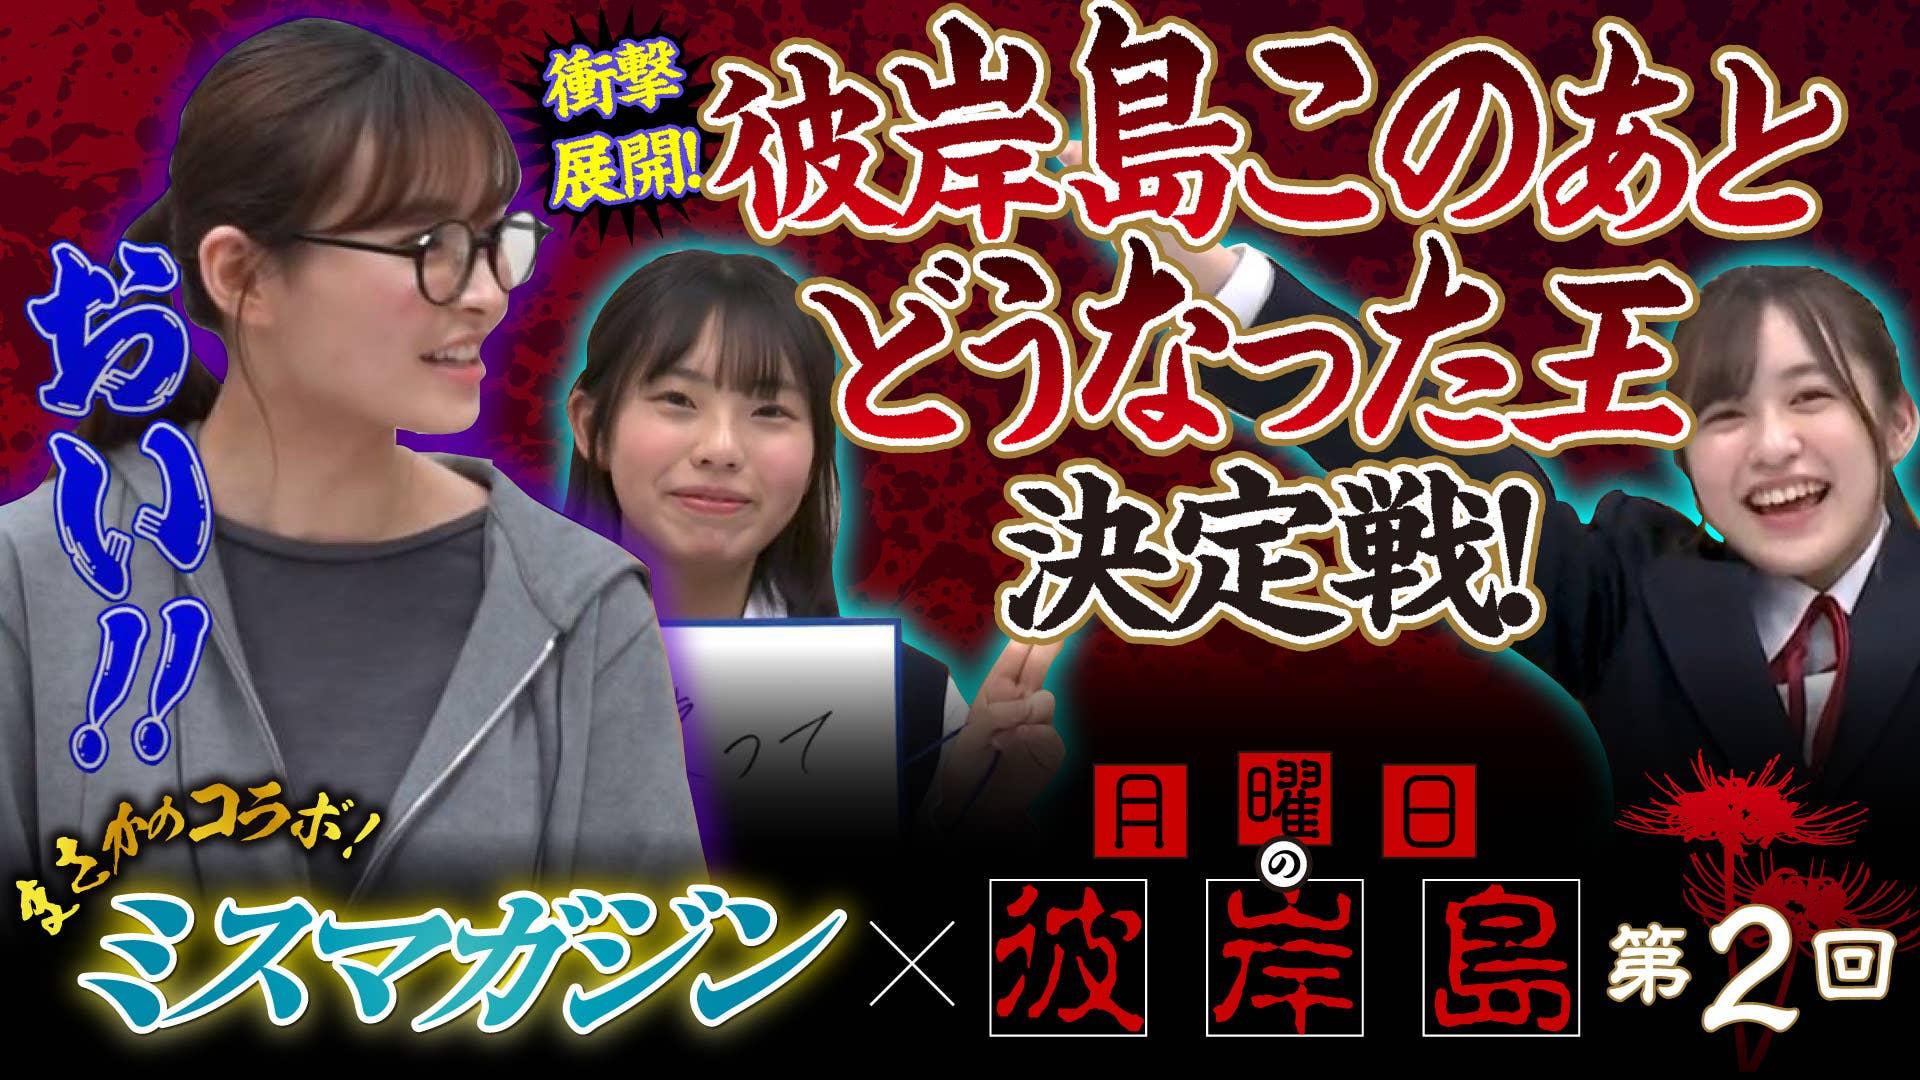 月曜日の彼岸島 シーズン3「ミスマガジンと禁断のコラボ動画!彼岸島このあとどうなった王決定戦!!」